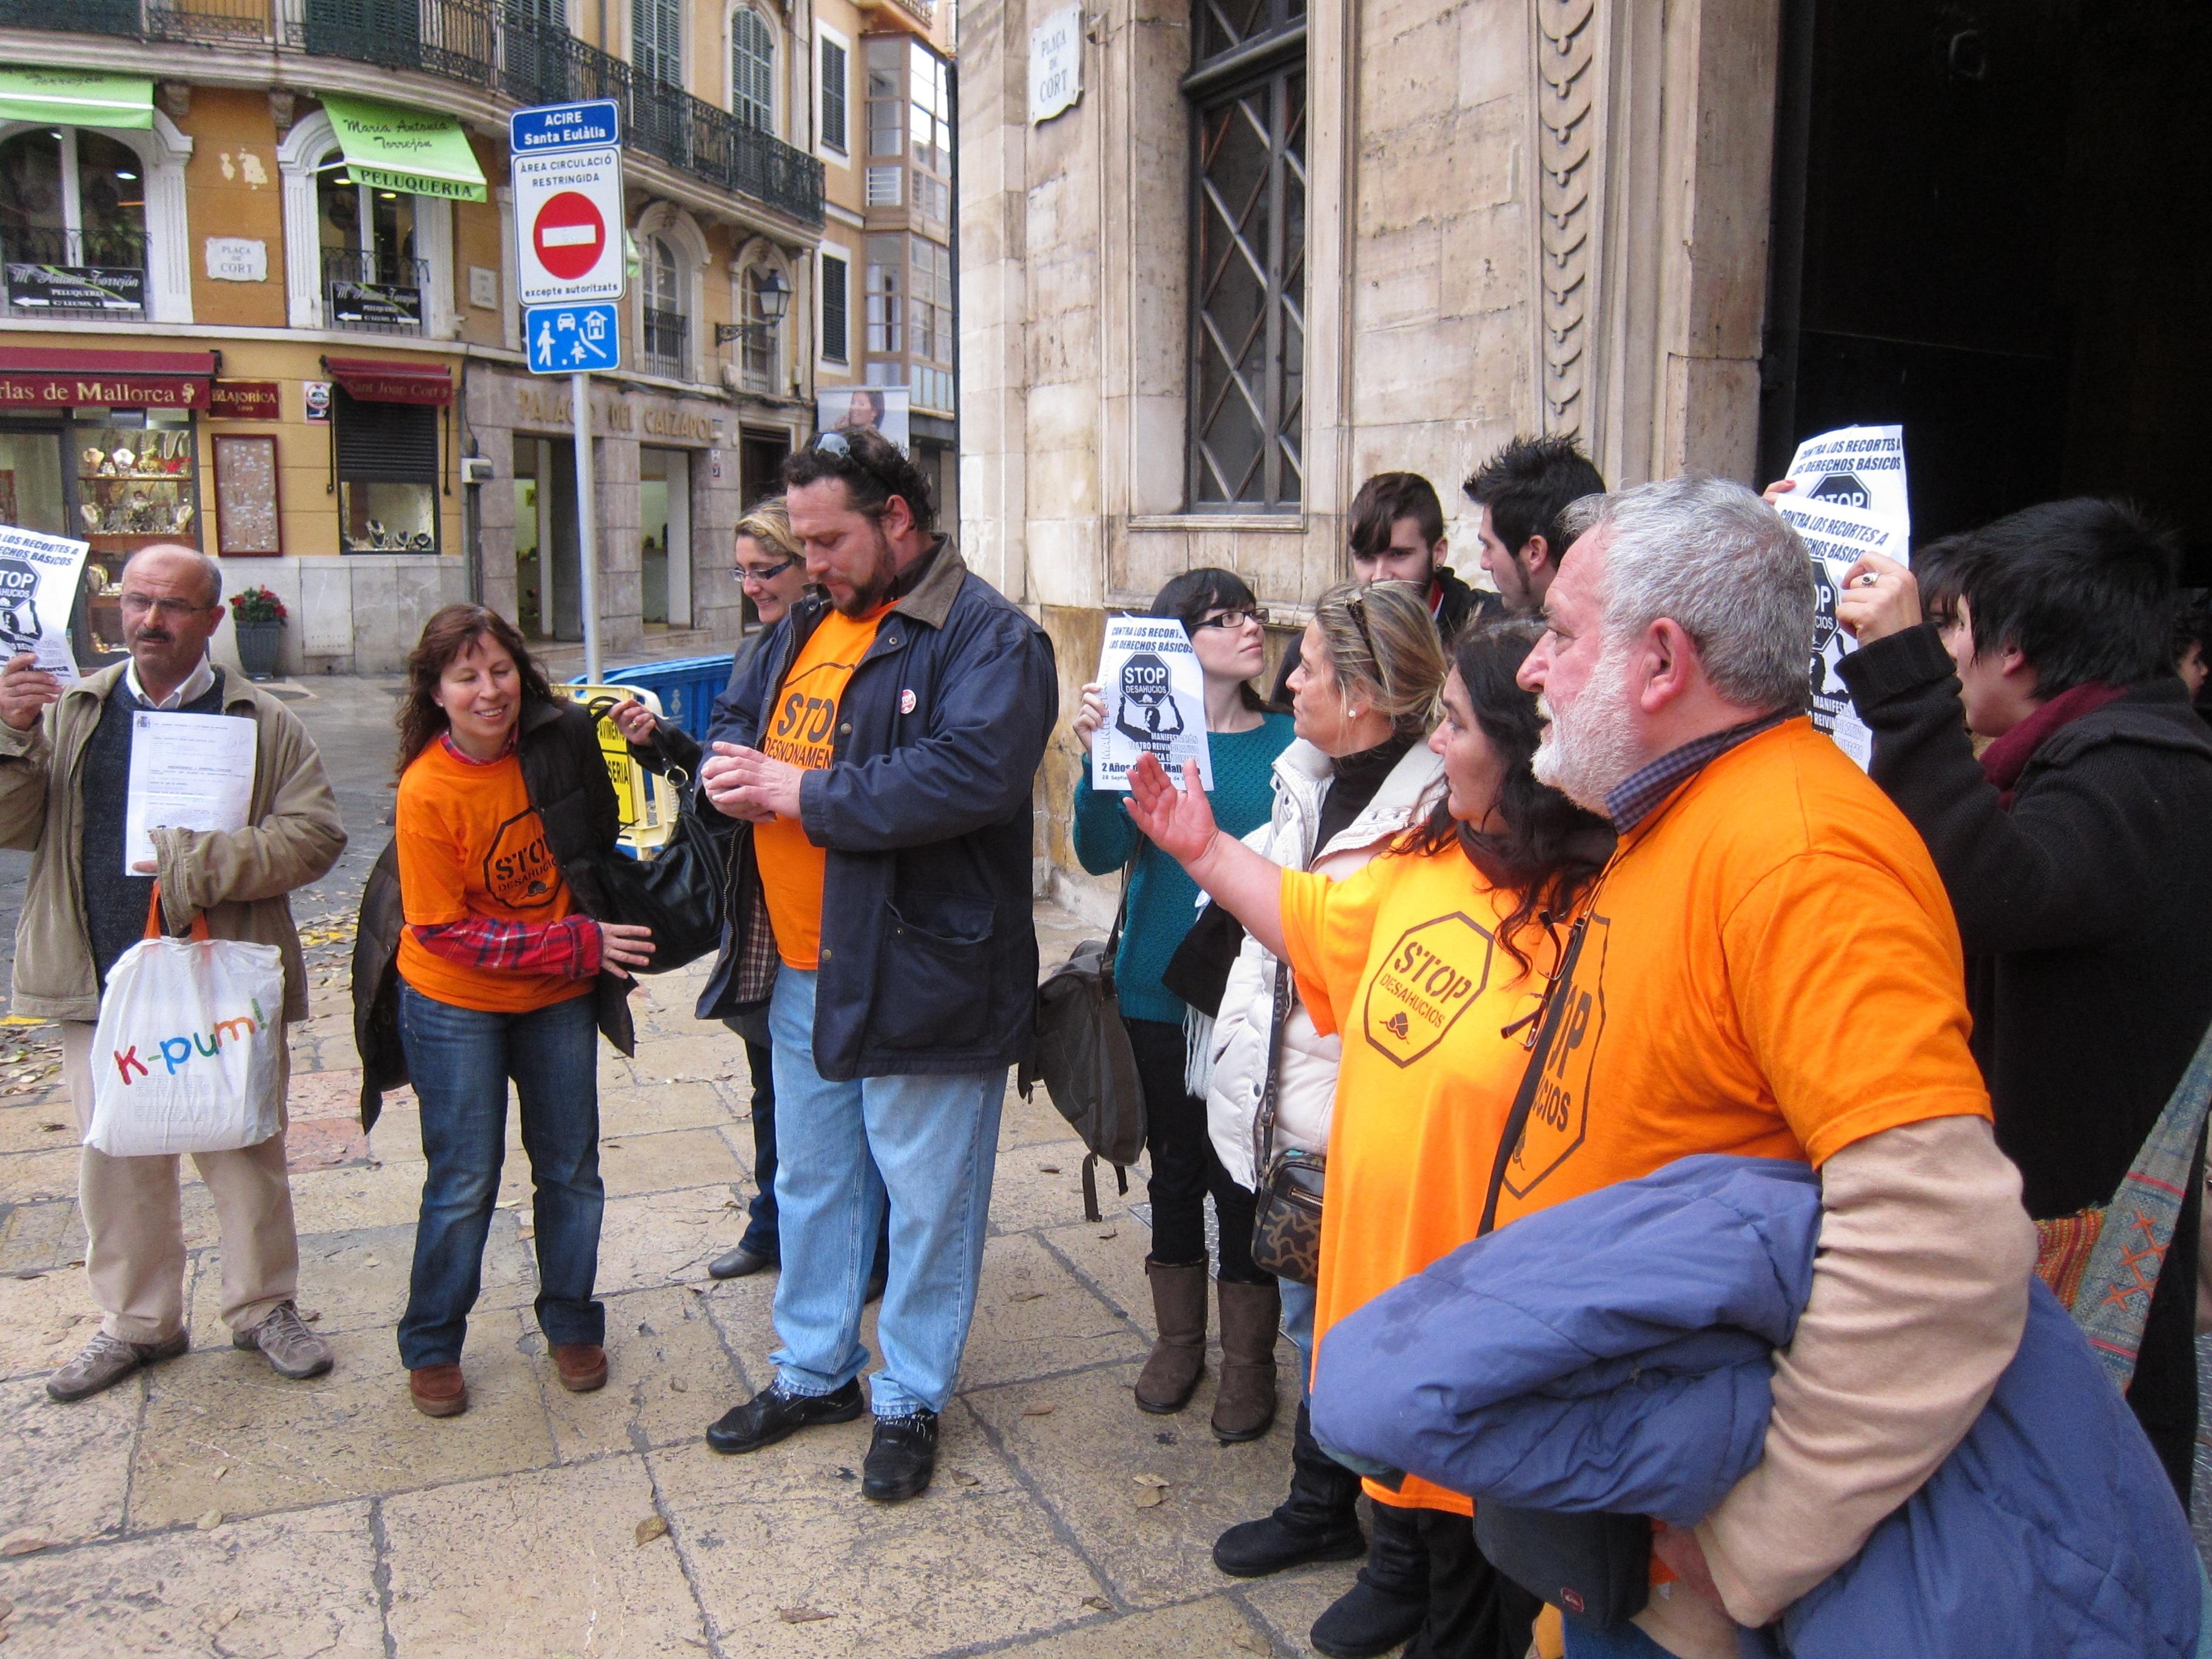 Entre tres y cuatro familias son desahuciadas a diario en Palma por no poder pagar la hipoteca